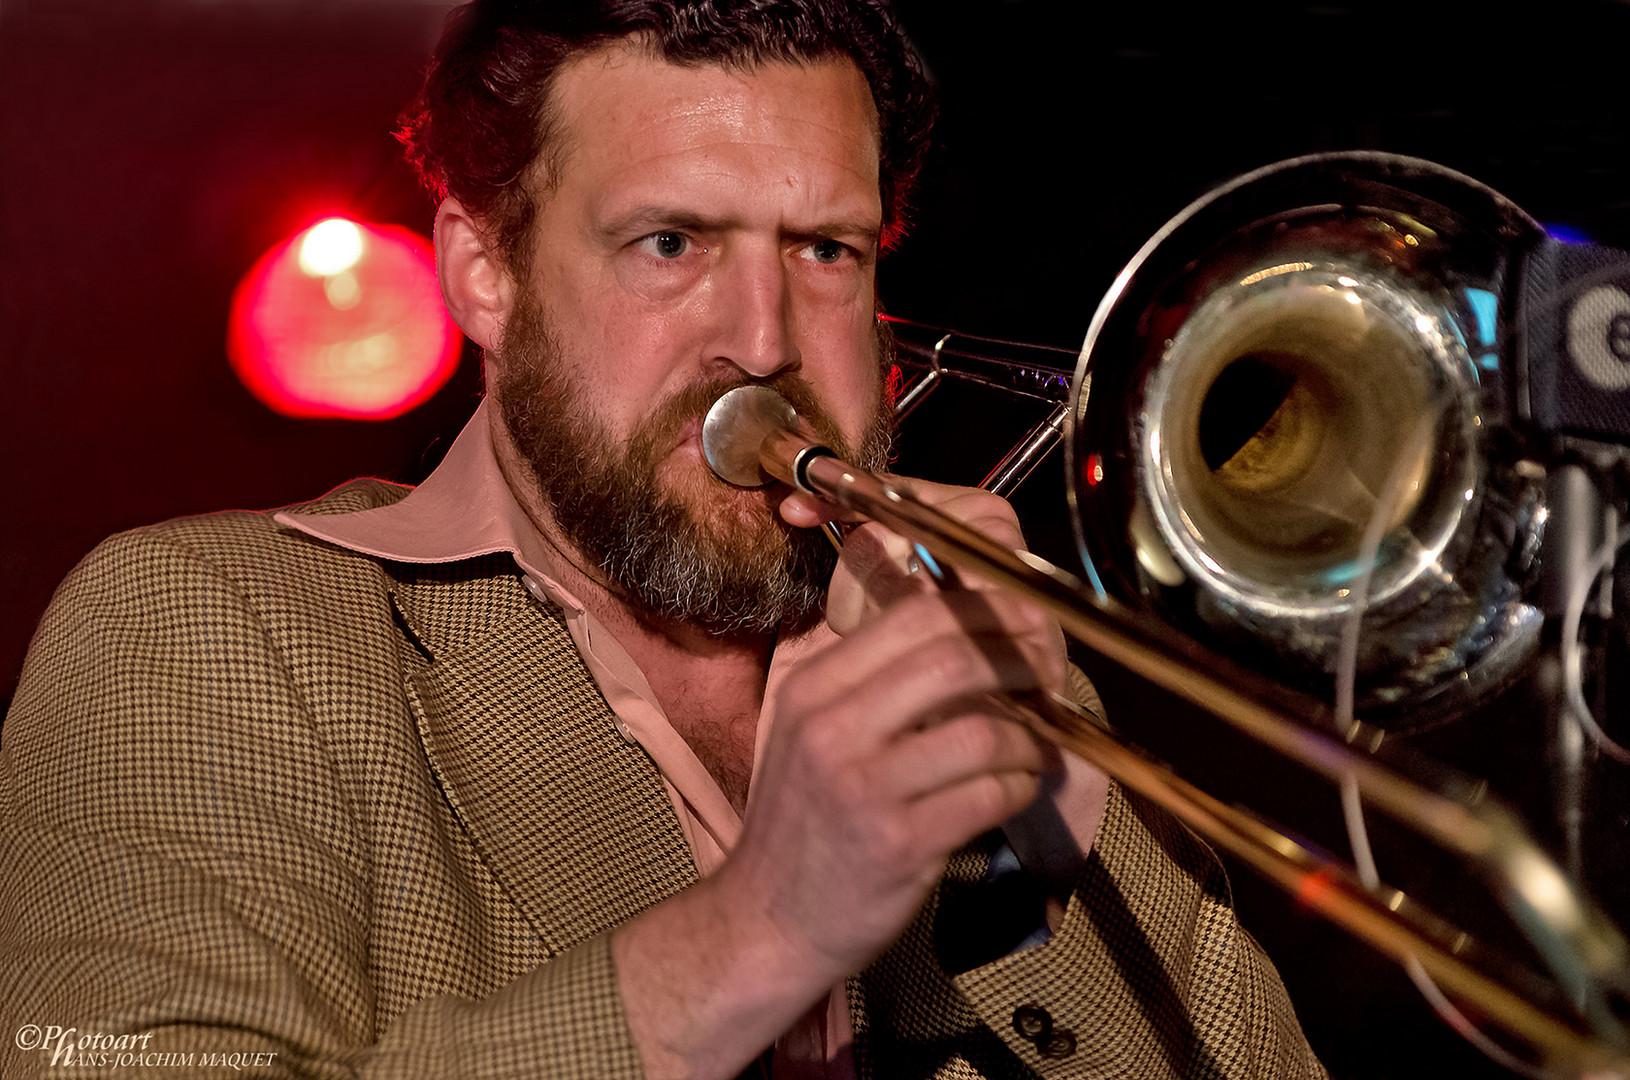 Marc Hartmann